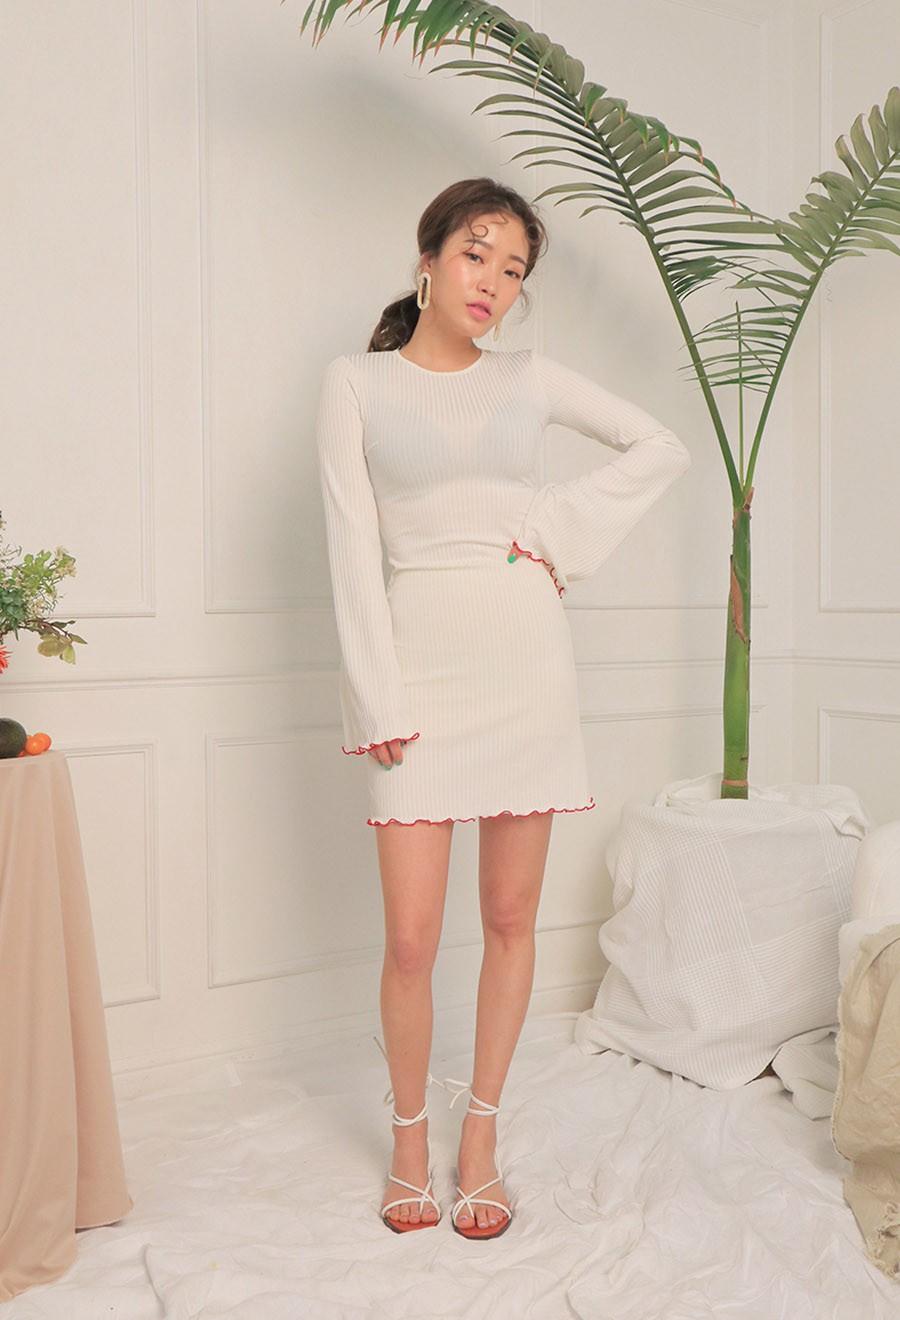 Váy dệt kim – chiếc váy mềm mại, đầy quyến rũ mà các nàng không thể làm ngơ trong những ngày trời se lạnh - 3